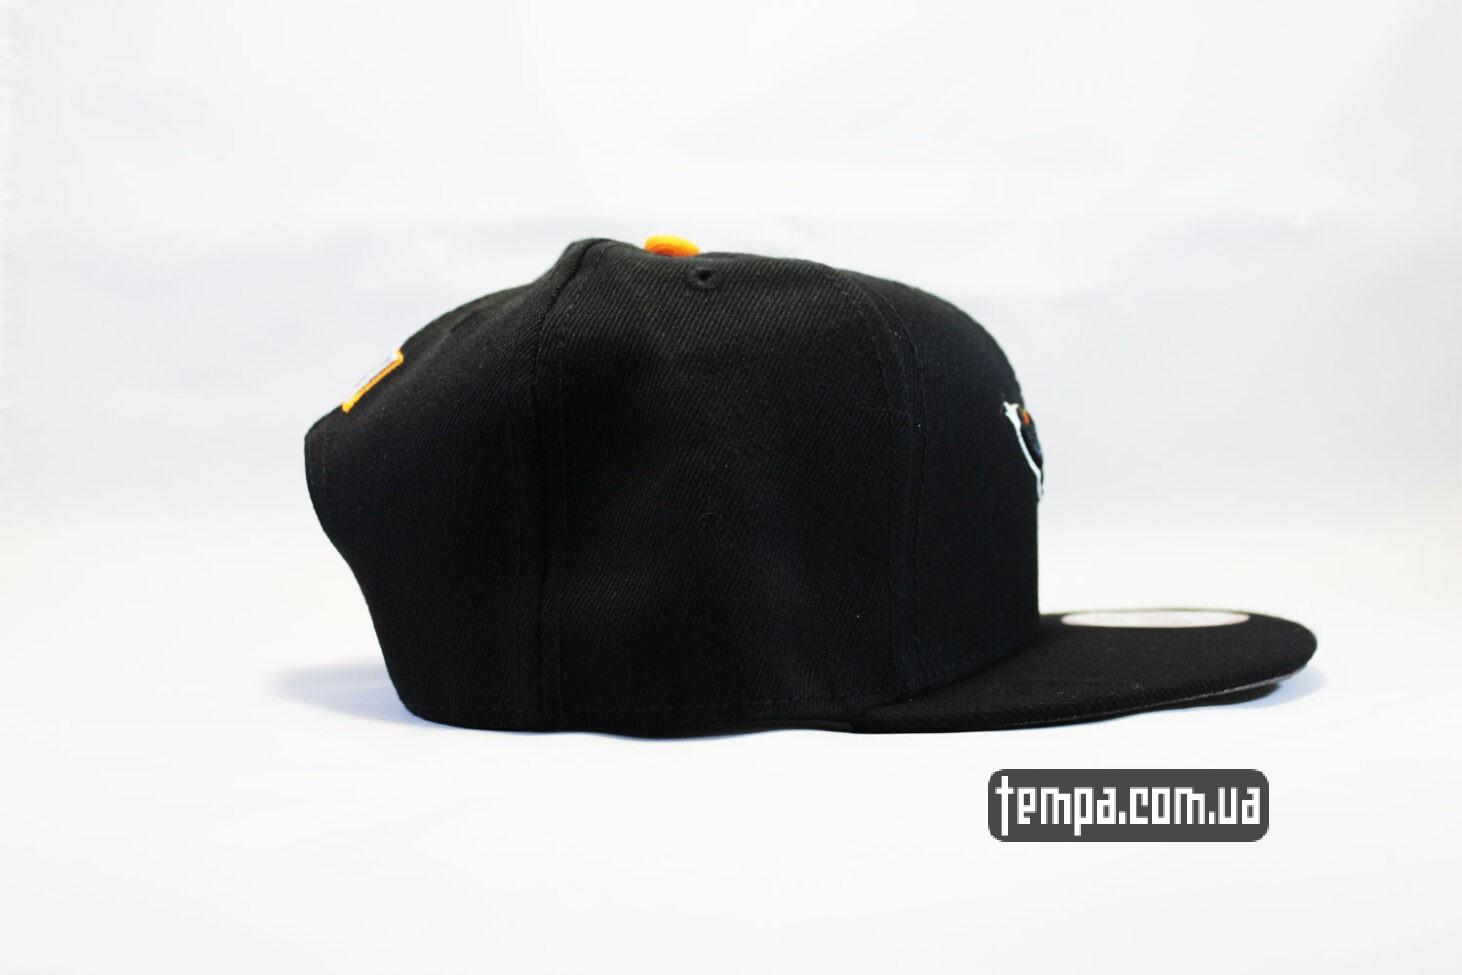 купить в Украине бейсболки кепка Snapback NewEra pigeon с голубем 9fifty